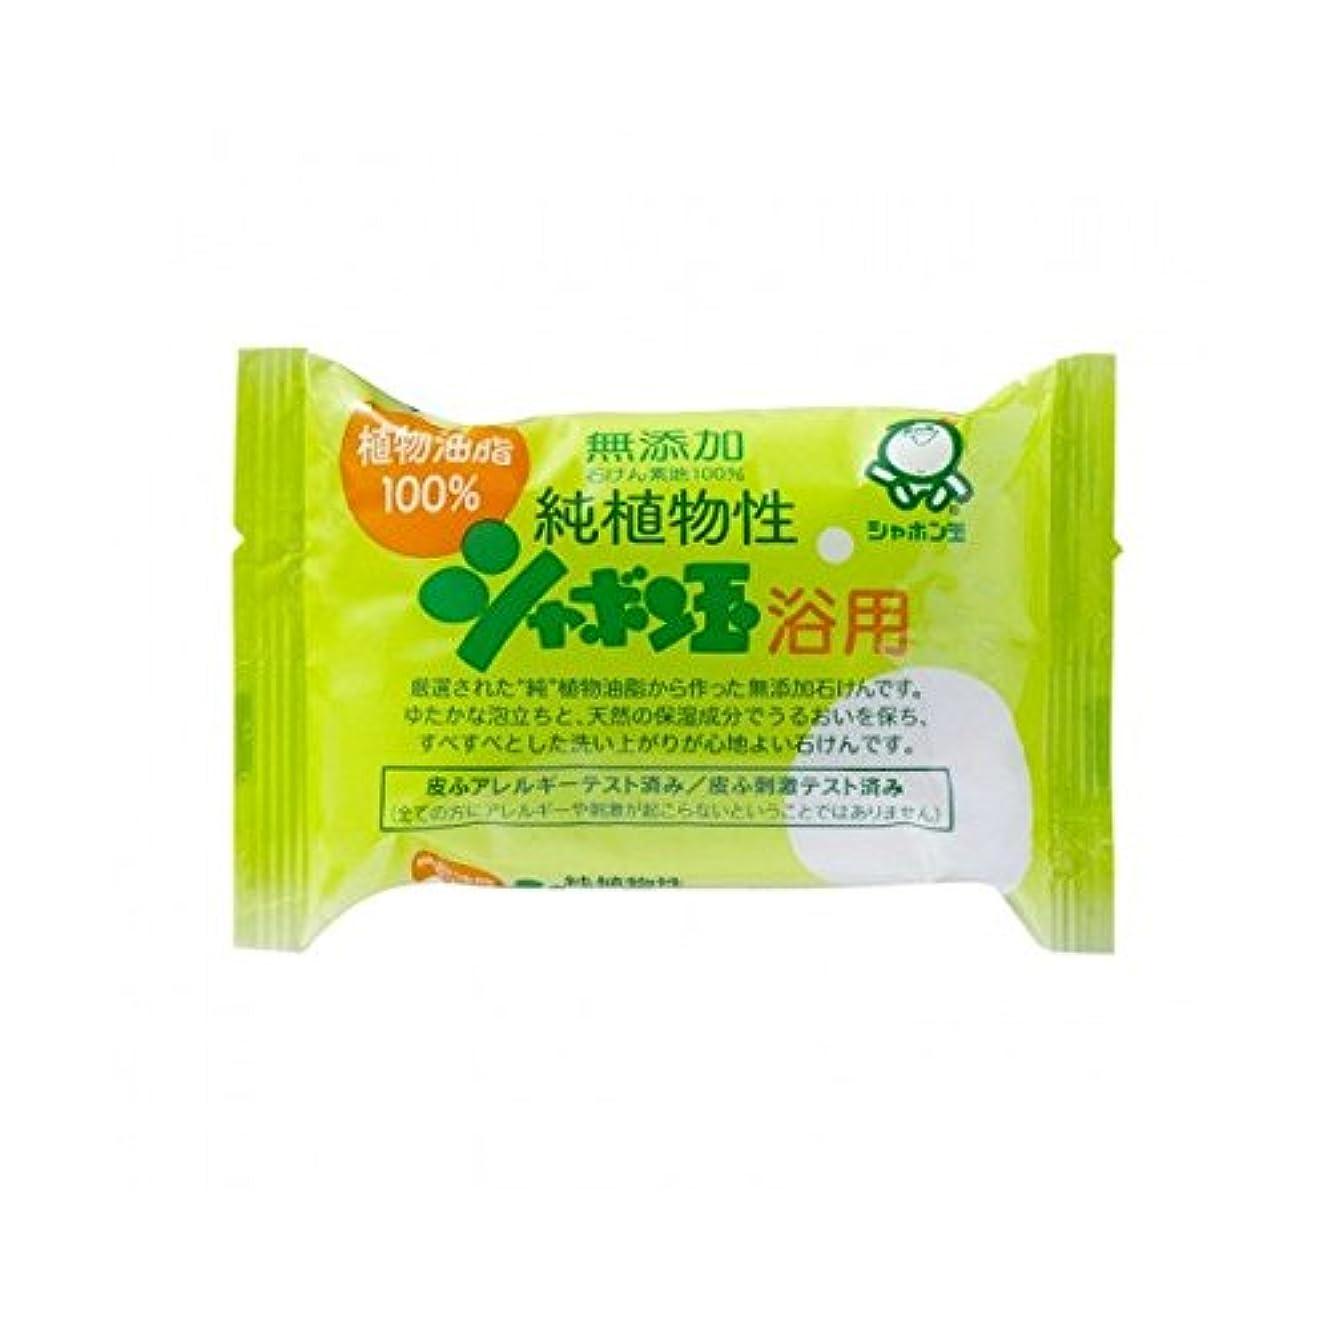 議題パーティー平和的シャボン玉石けん シャボン玉 純植物性 浴用 100g(無添加石鹸)×120点セット (4901797003013)